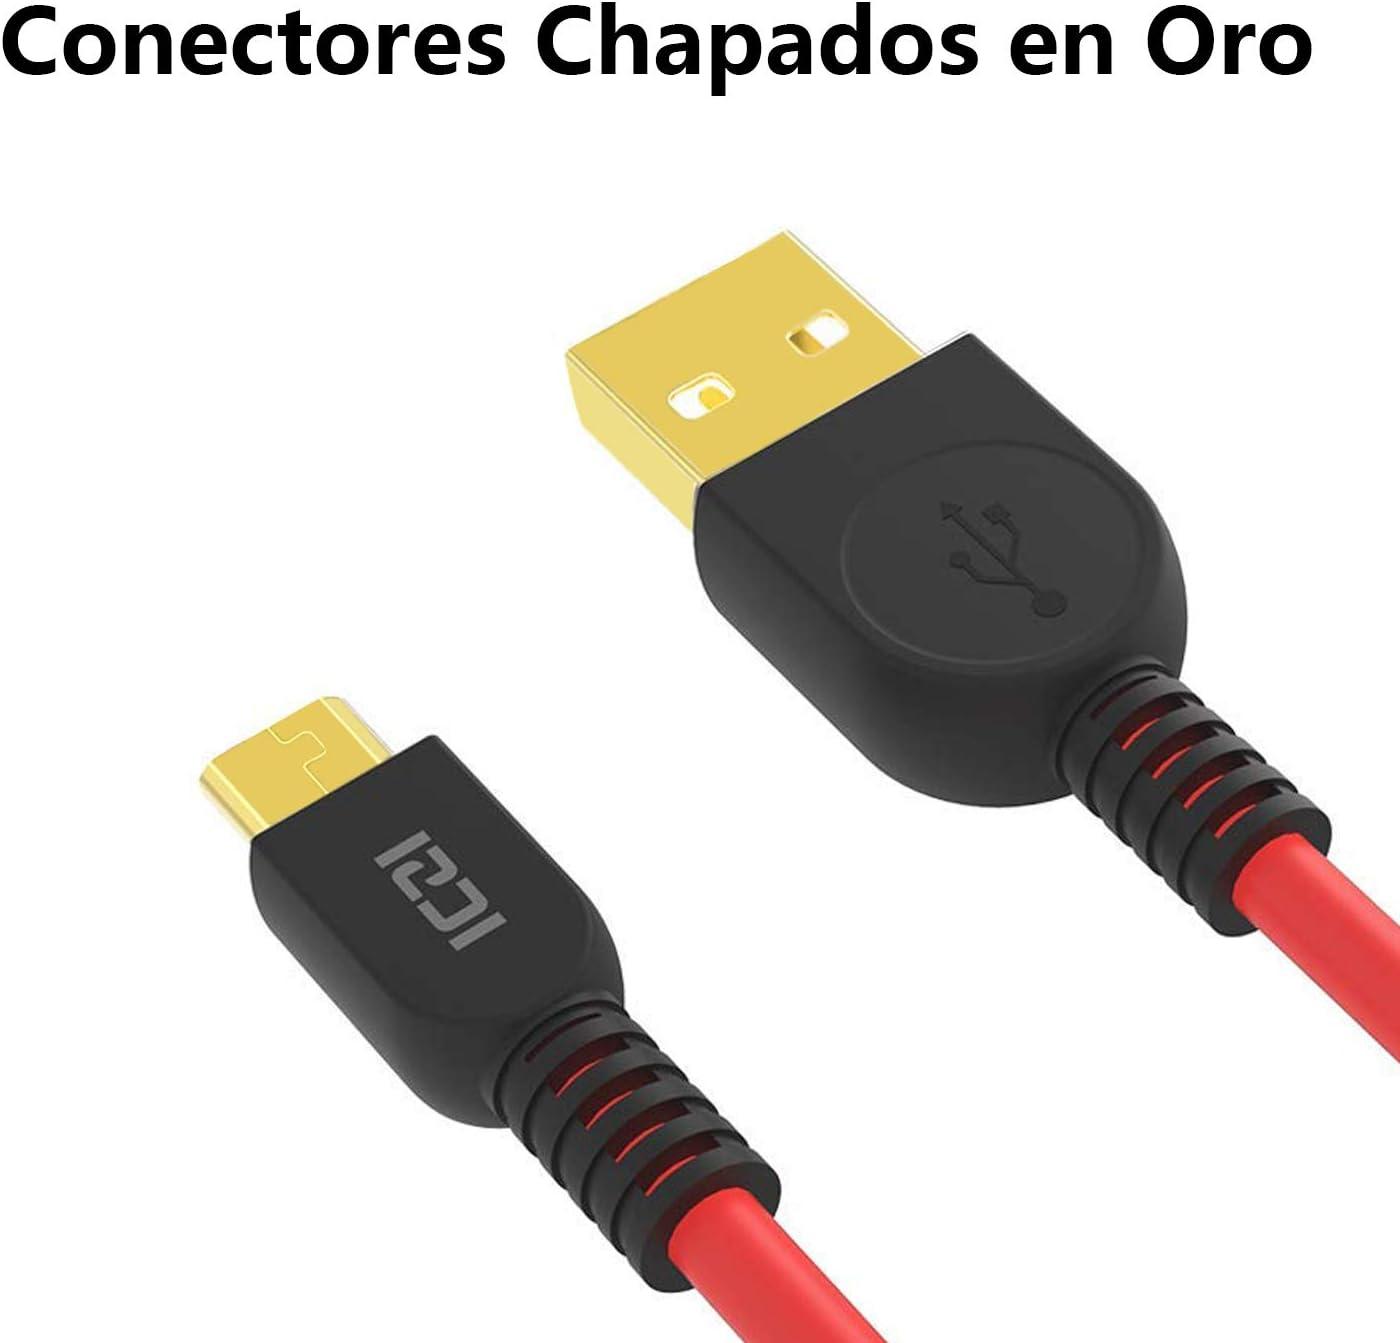 ICZI Cable USB Tipo C a USB 3.0 5 Pack 1m* 3+ 0.3m*1+ 1.8m*1 Carga rapida//Trenzado de Nylon//Conectores chapados en Oro 1 para Casa 1 para Oficina 1 para Coche 1 para Viajar 1 para Familia